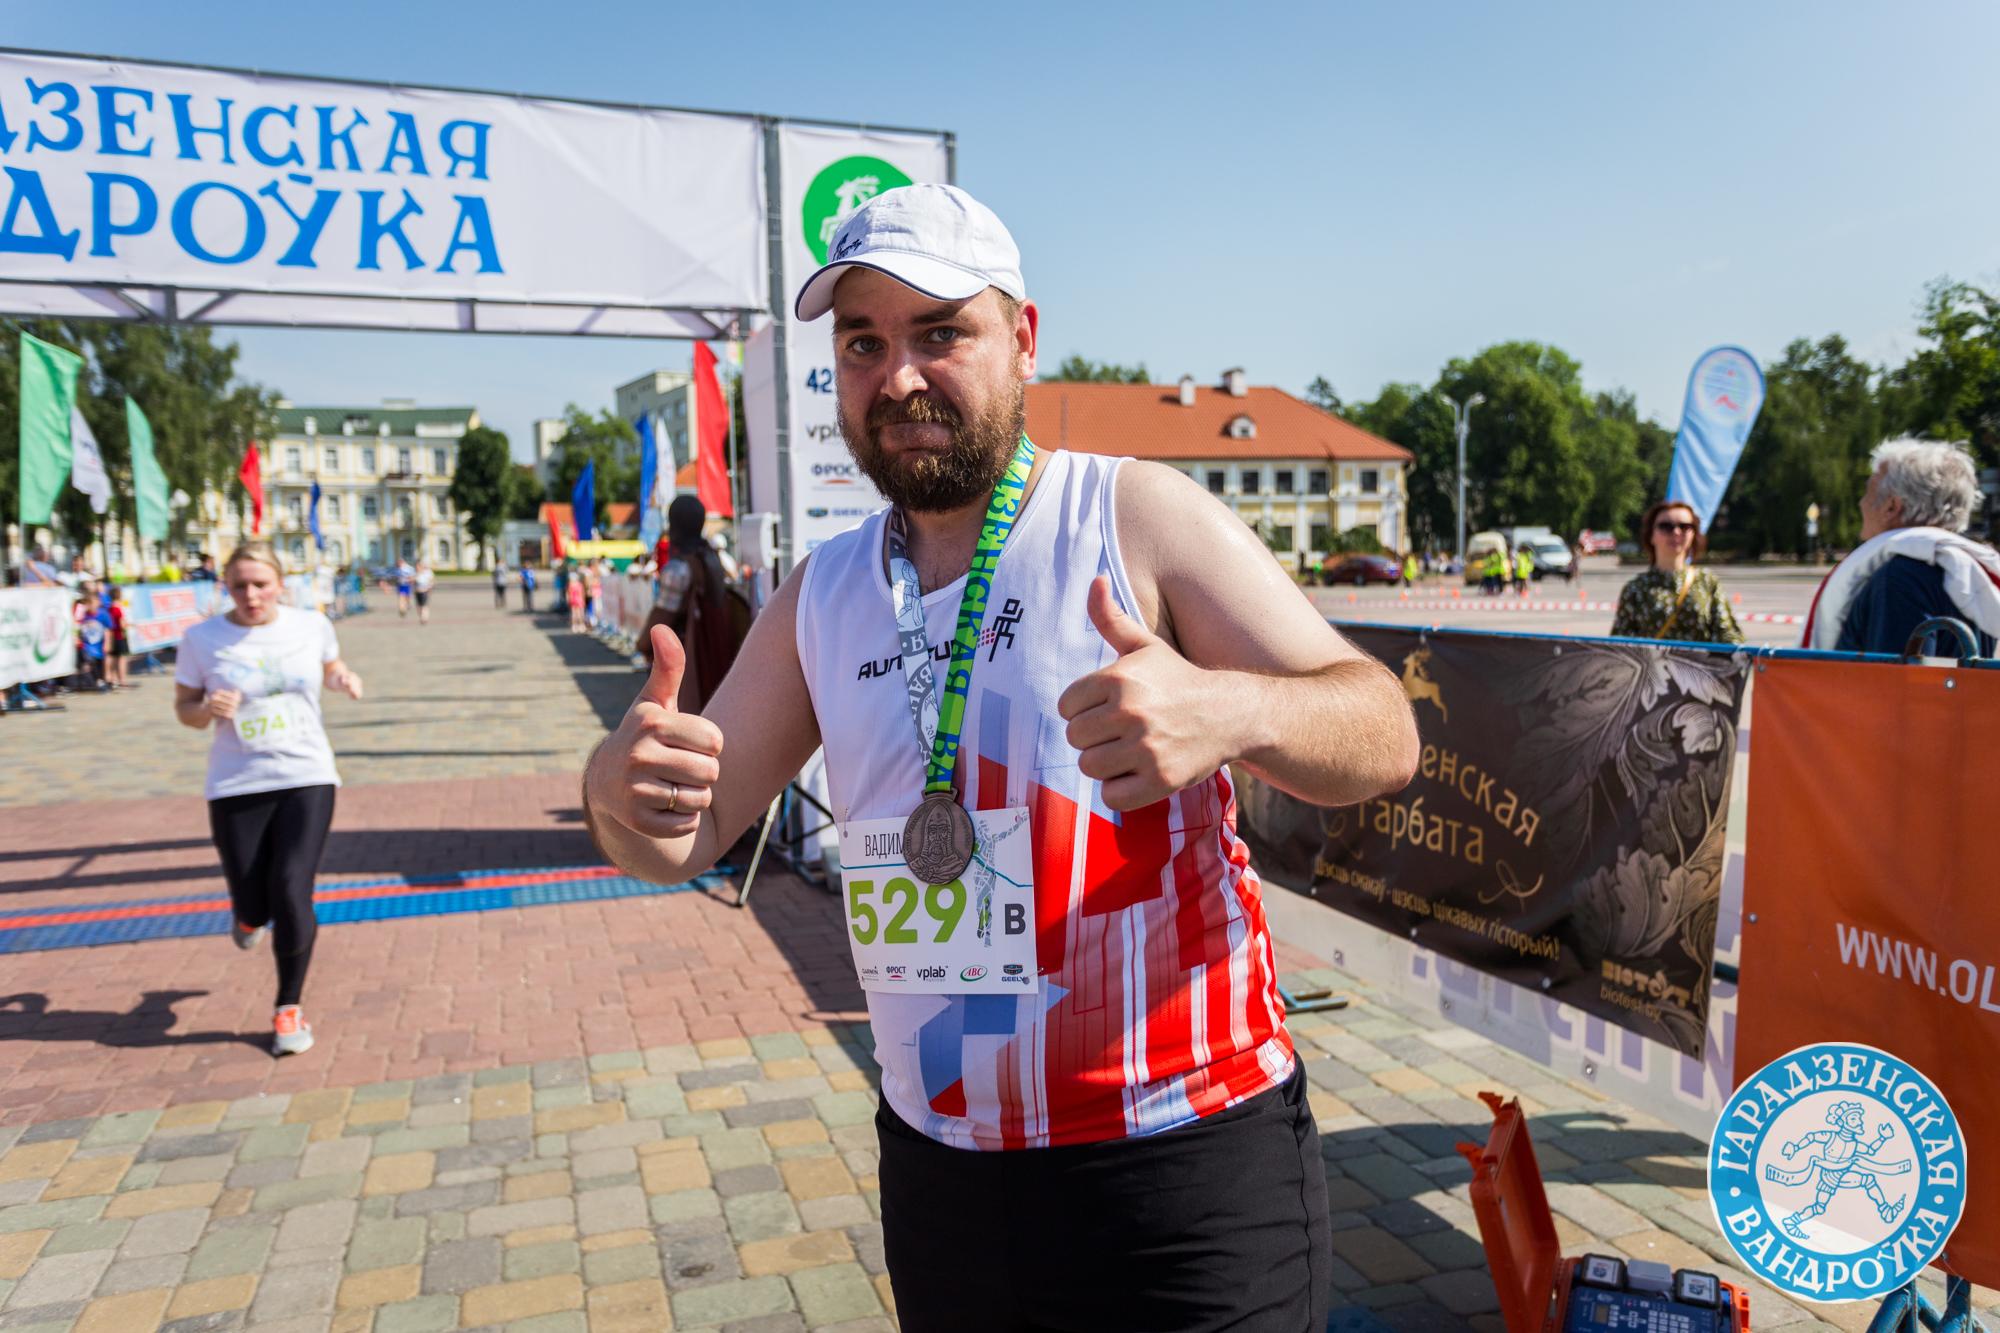 (Русский) Уже более 100 участников!